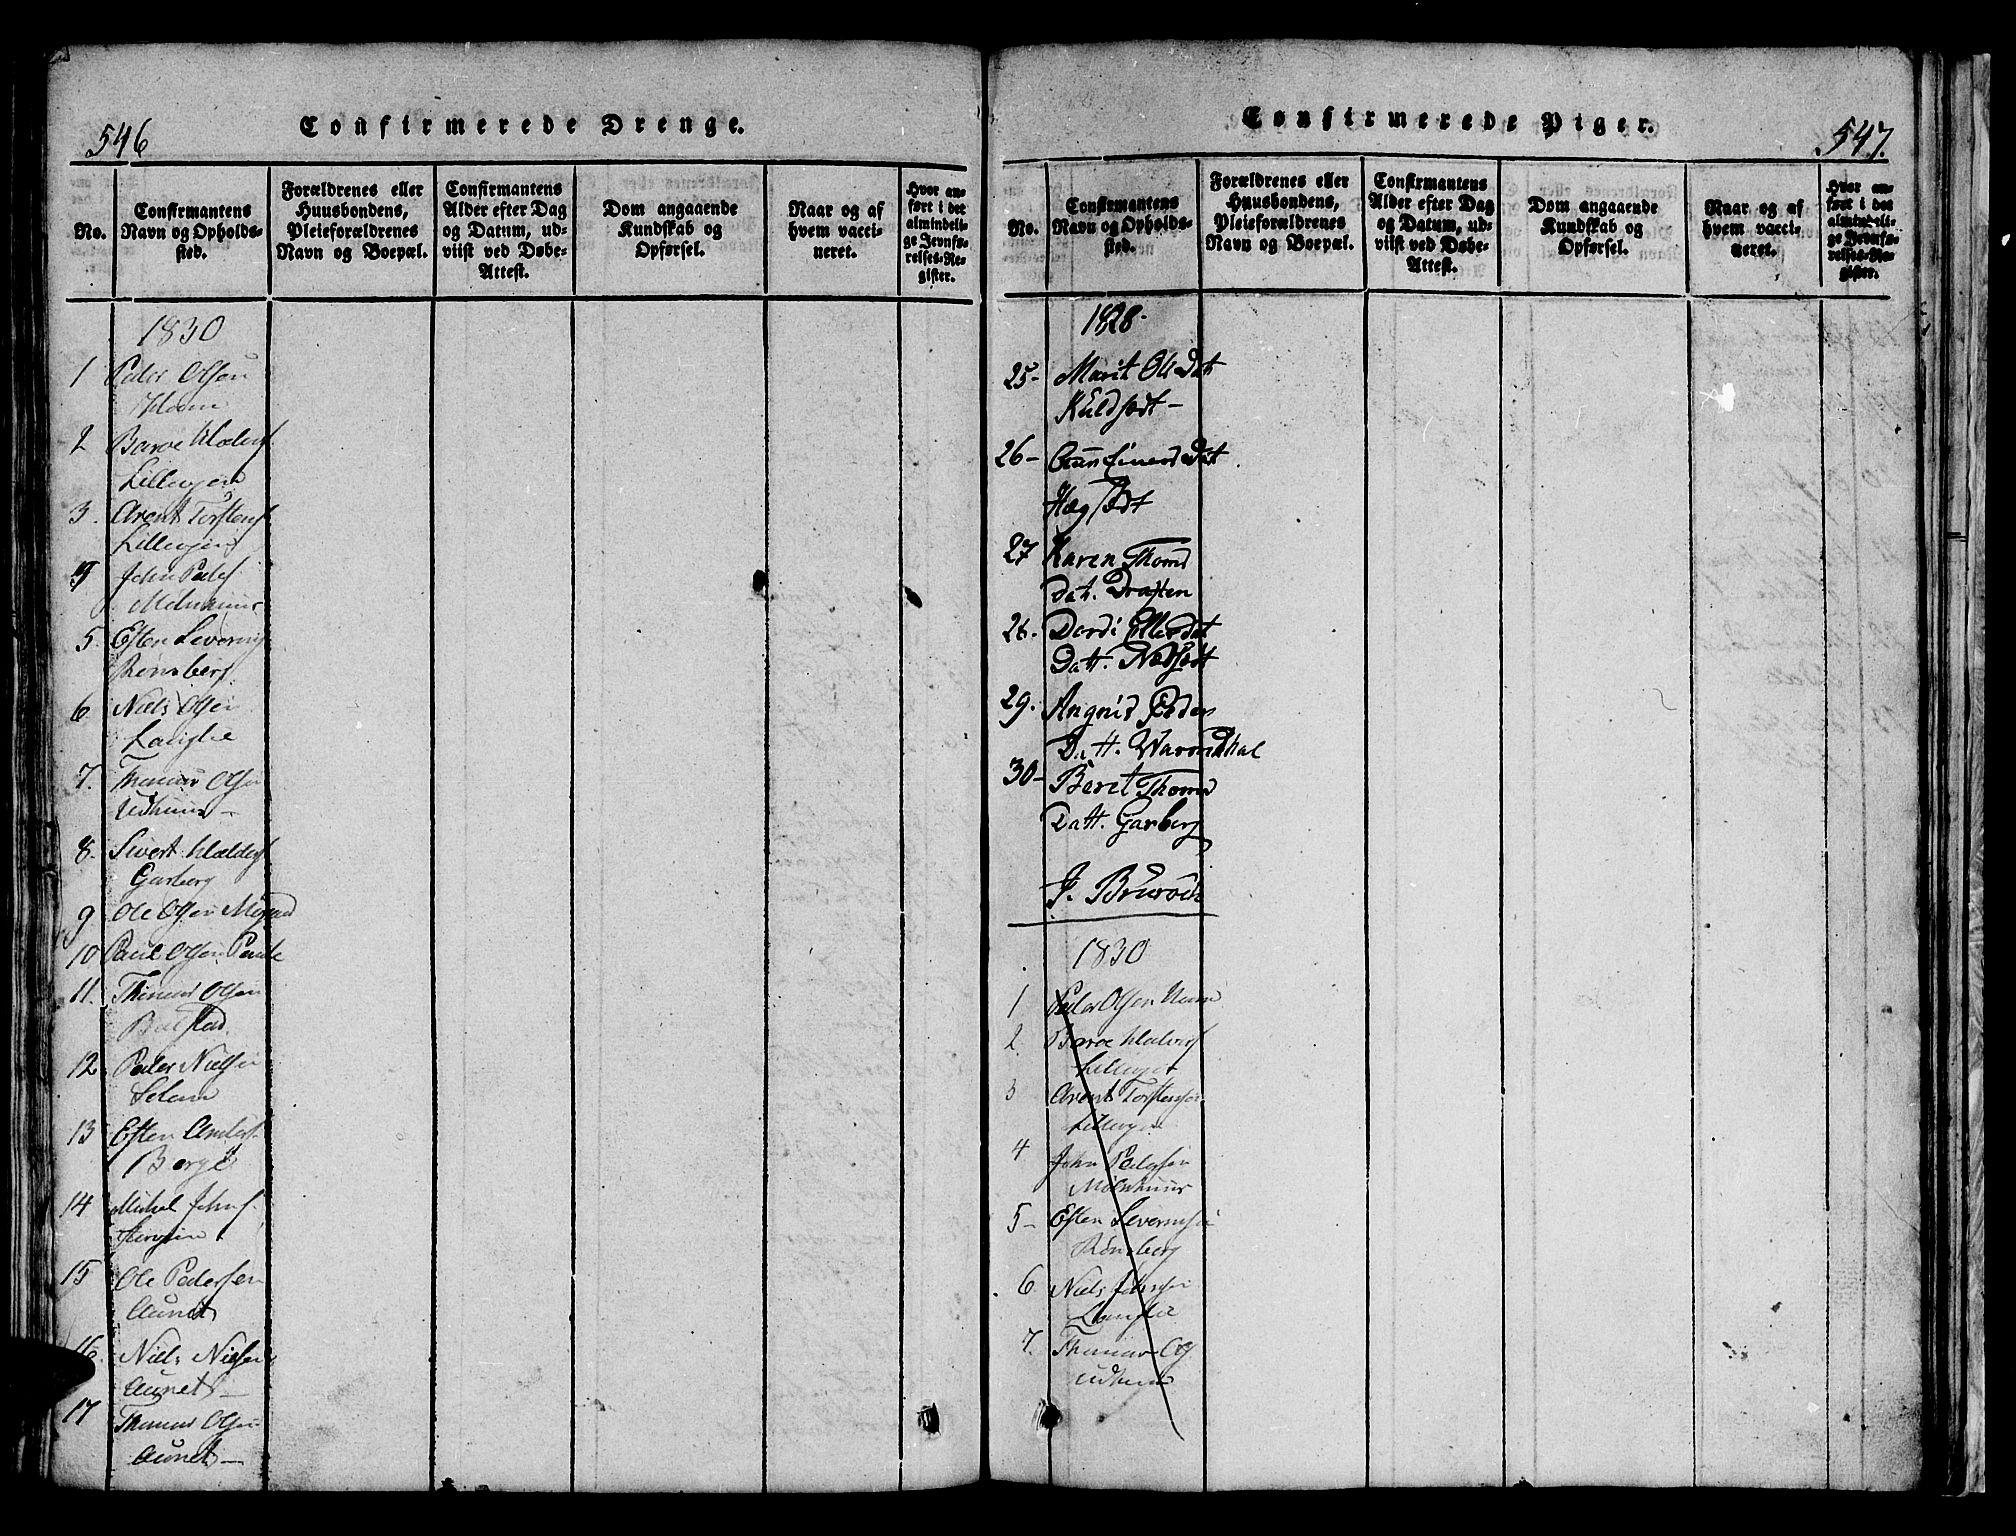 SAT, Ministerialprotokoller, klokkerbøker og fødselsregistre - Sør-Trøndelag, 695/L1152: Klokkerbok nr. 695C03, 1816-1831, s. 546-547